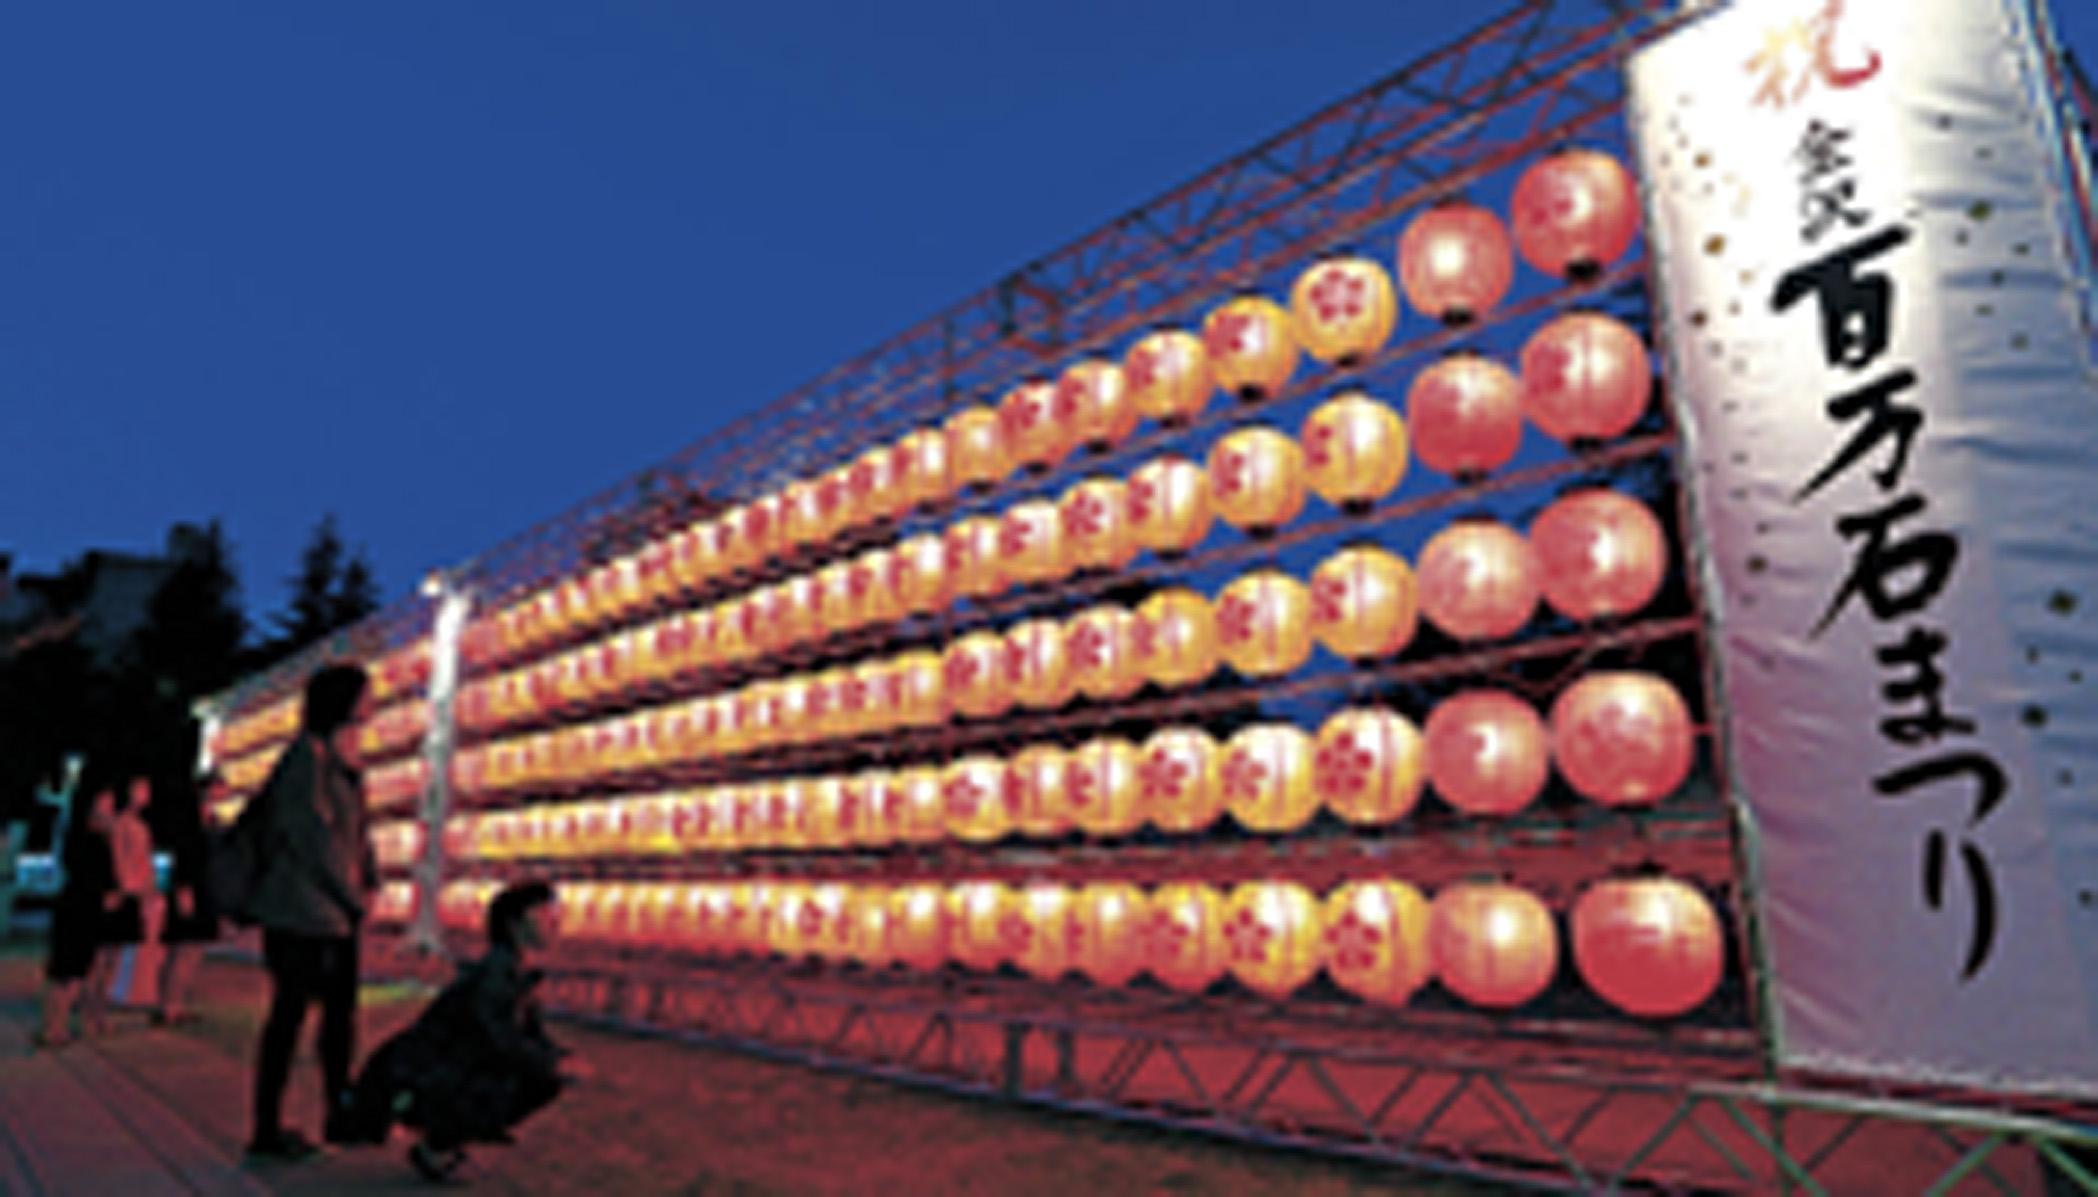 祭りムードを盛り上げるシンボルモニュメント=金沢21世紀美術館